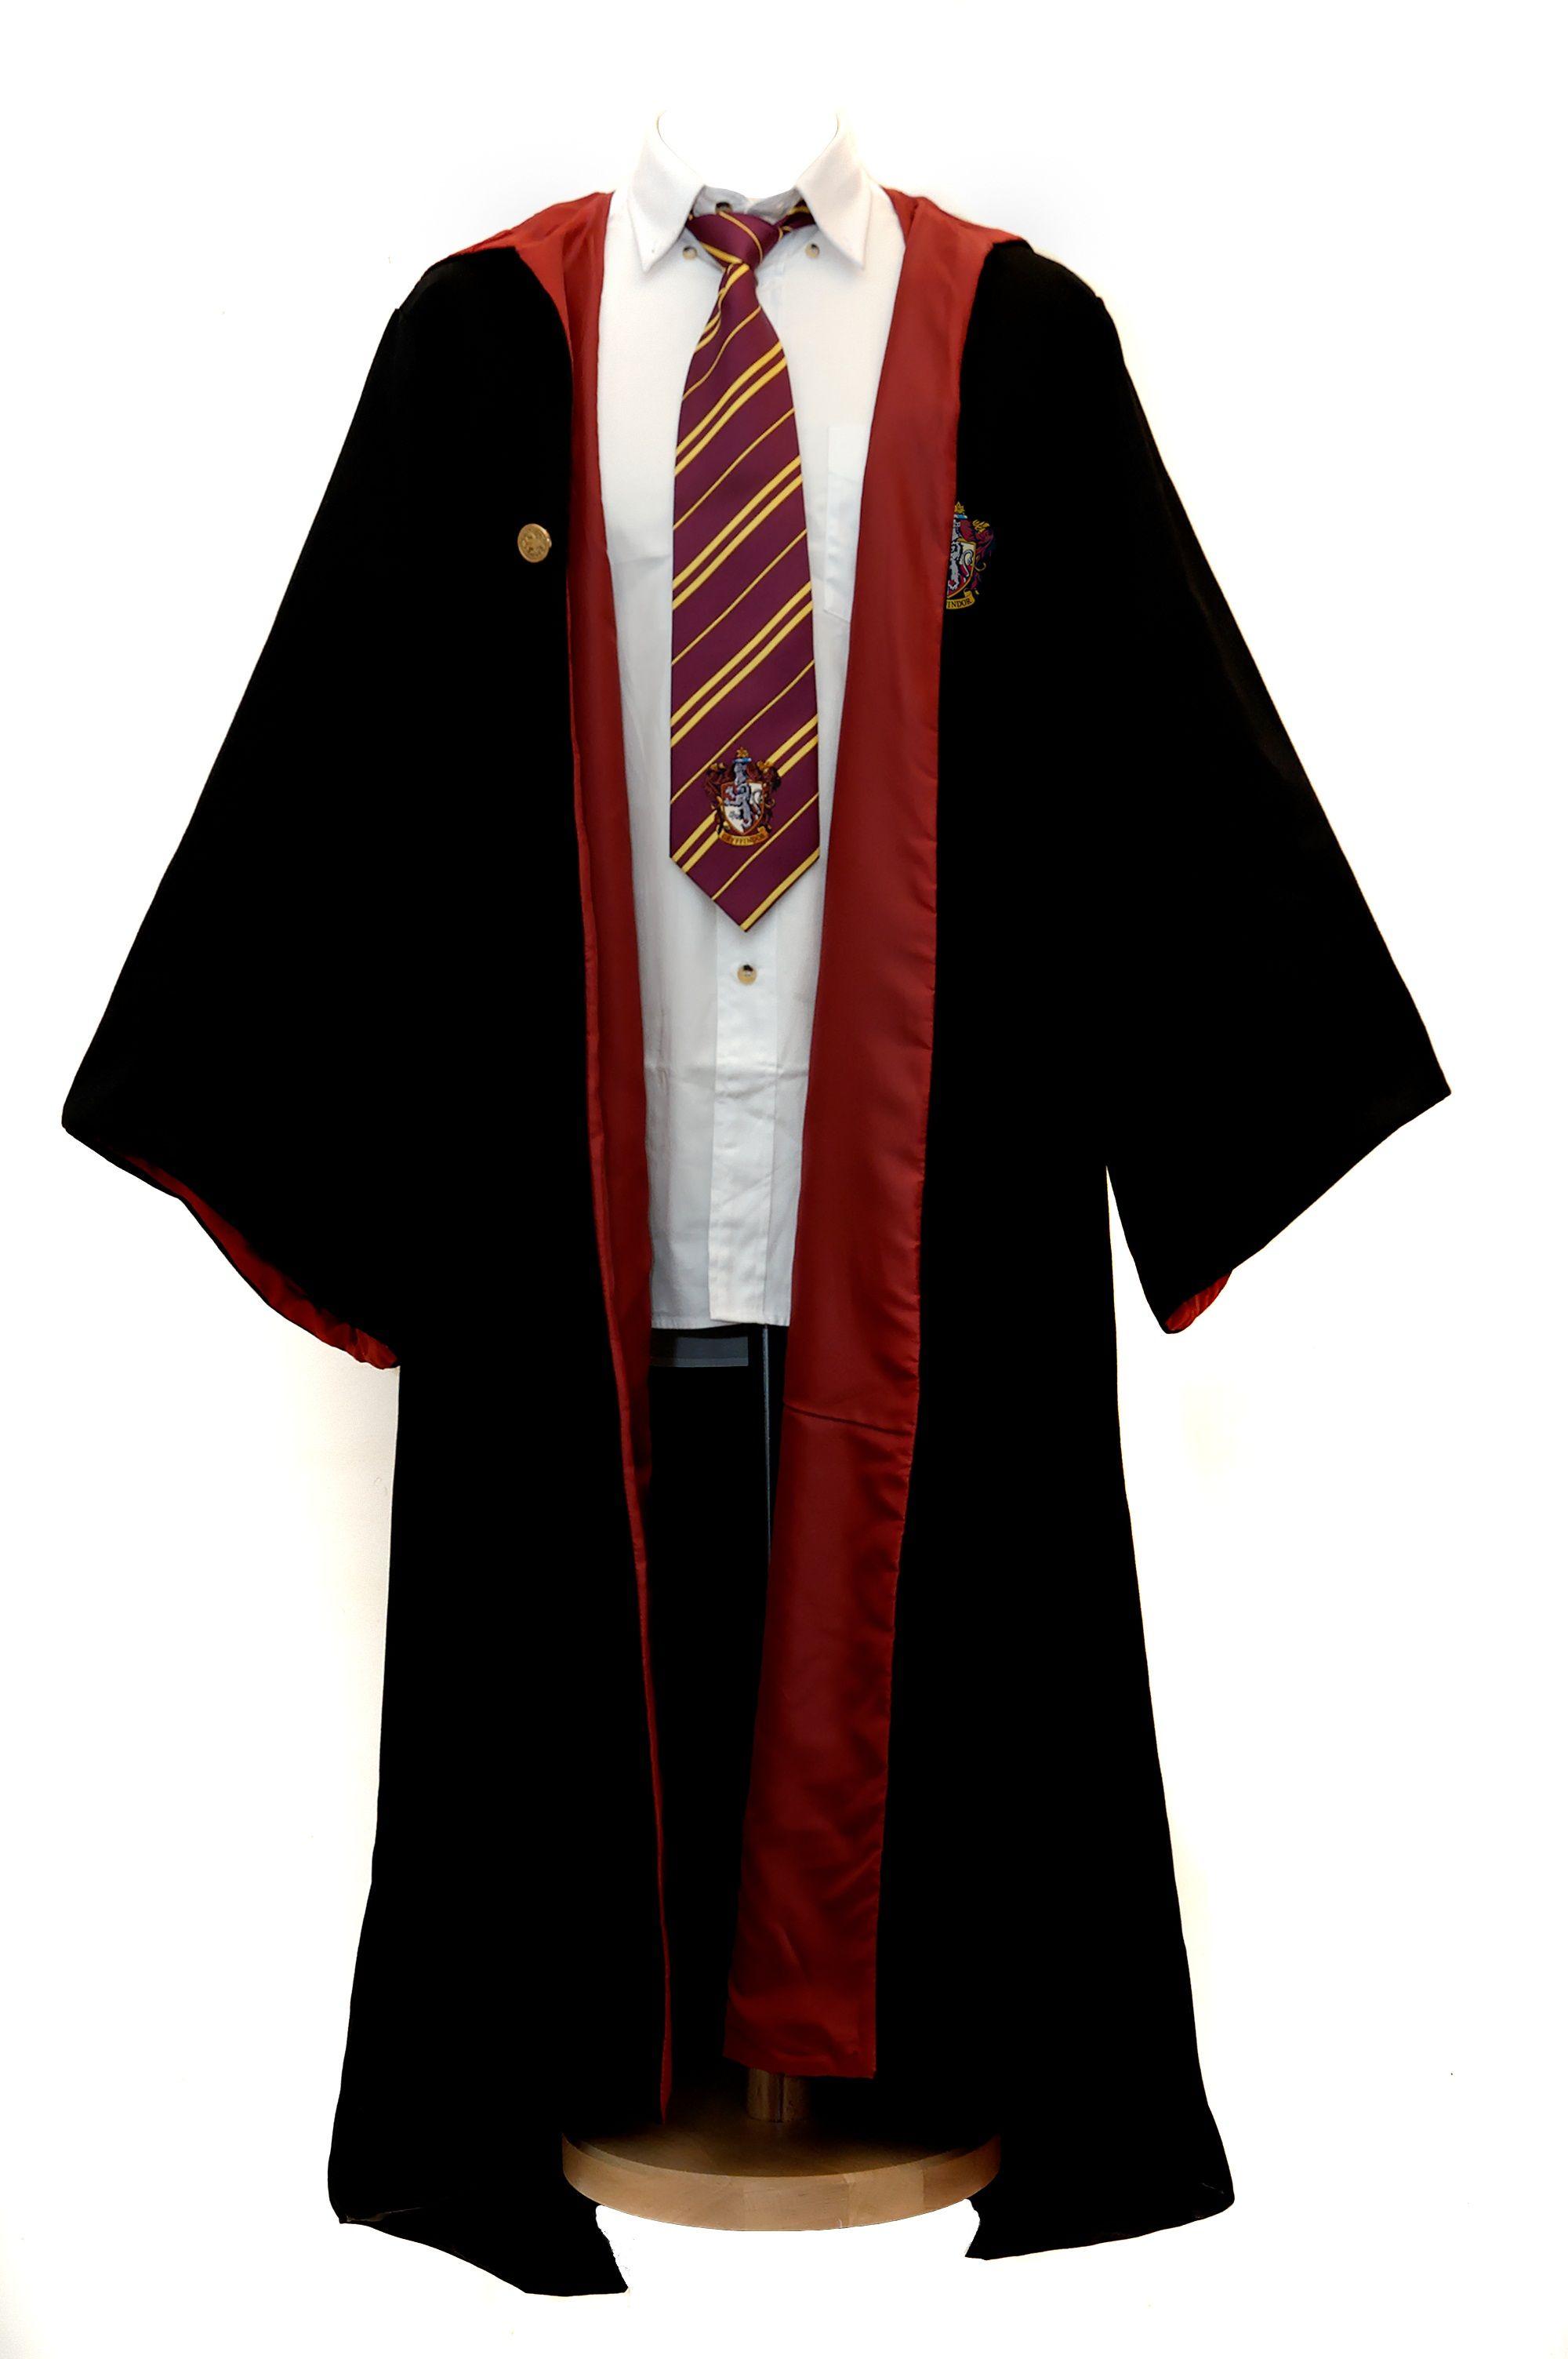 Déguisement Harry Potter, Harry Potter Gryffondor, Poudlard, Deguisement  Magicien, Robe De Sorcière 2ed850b703c